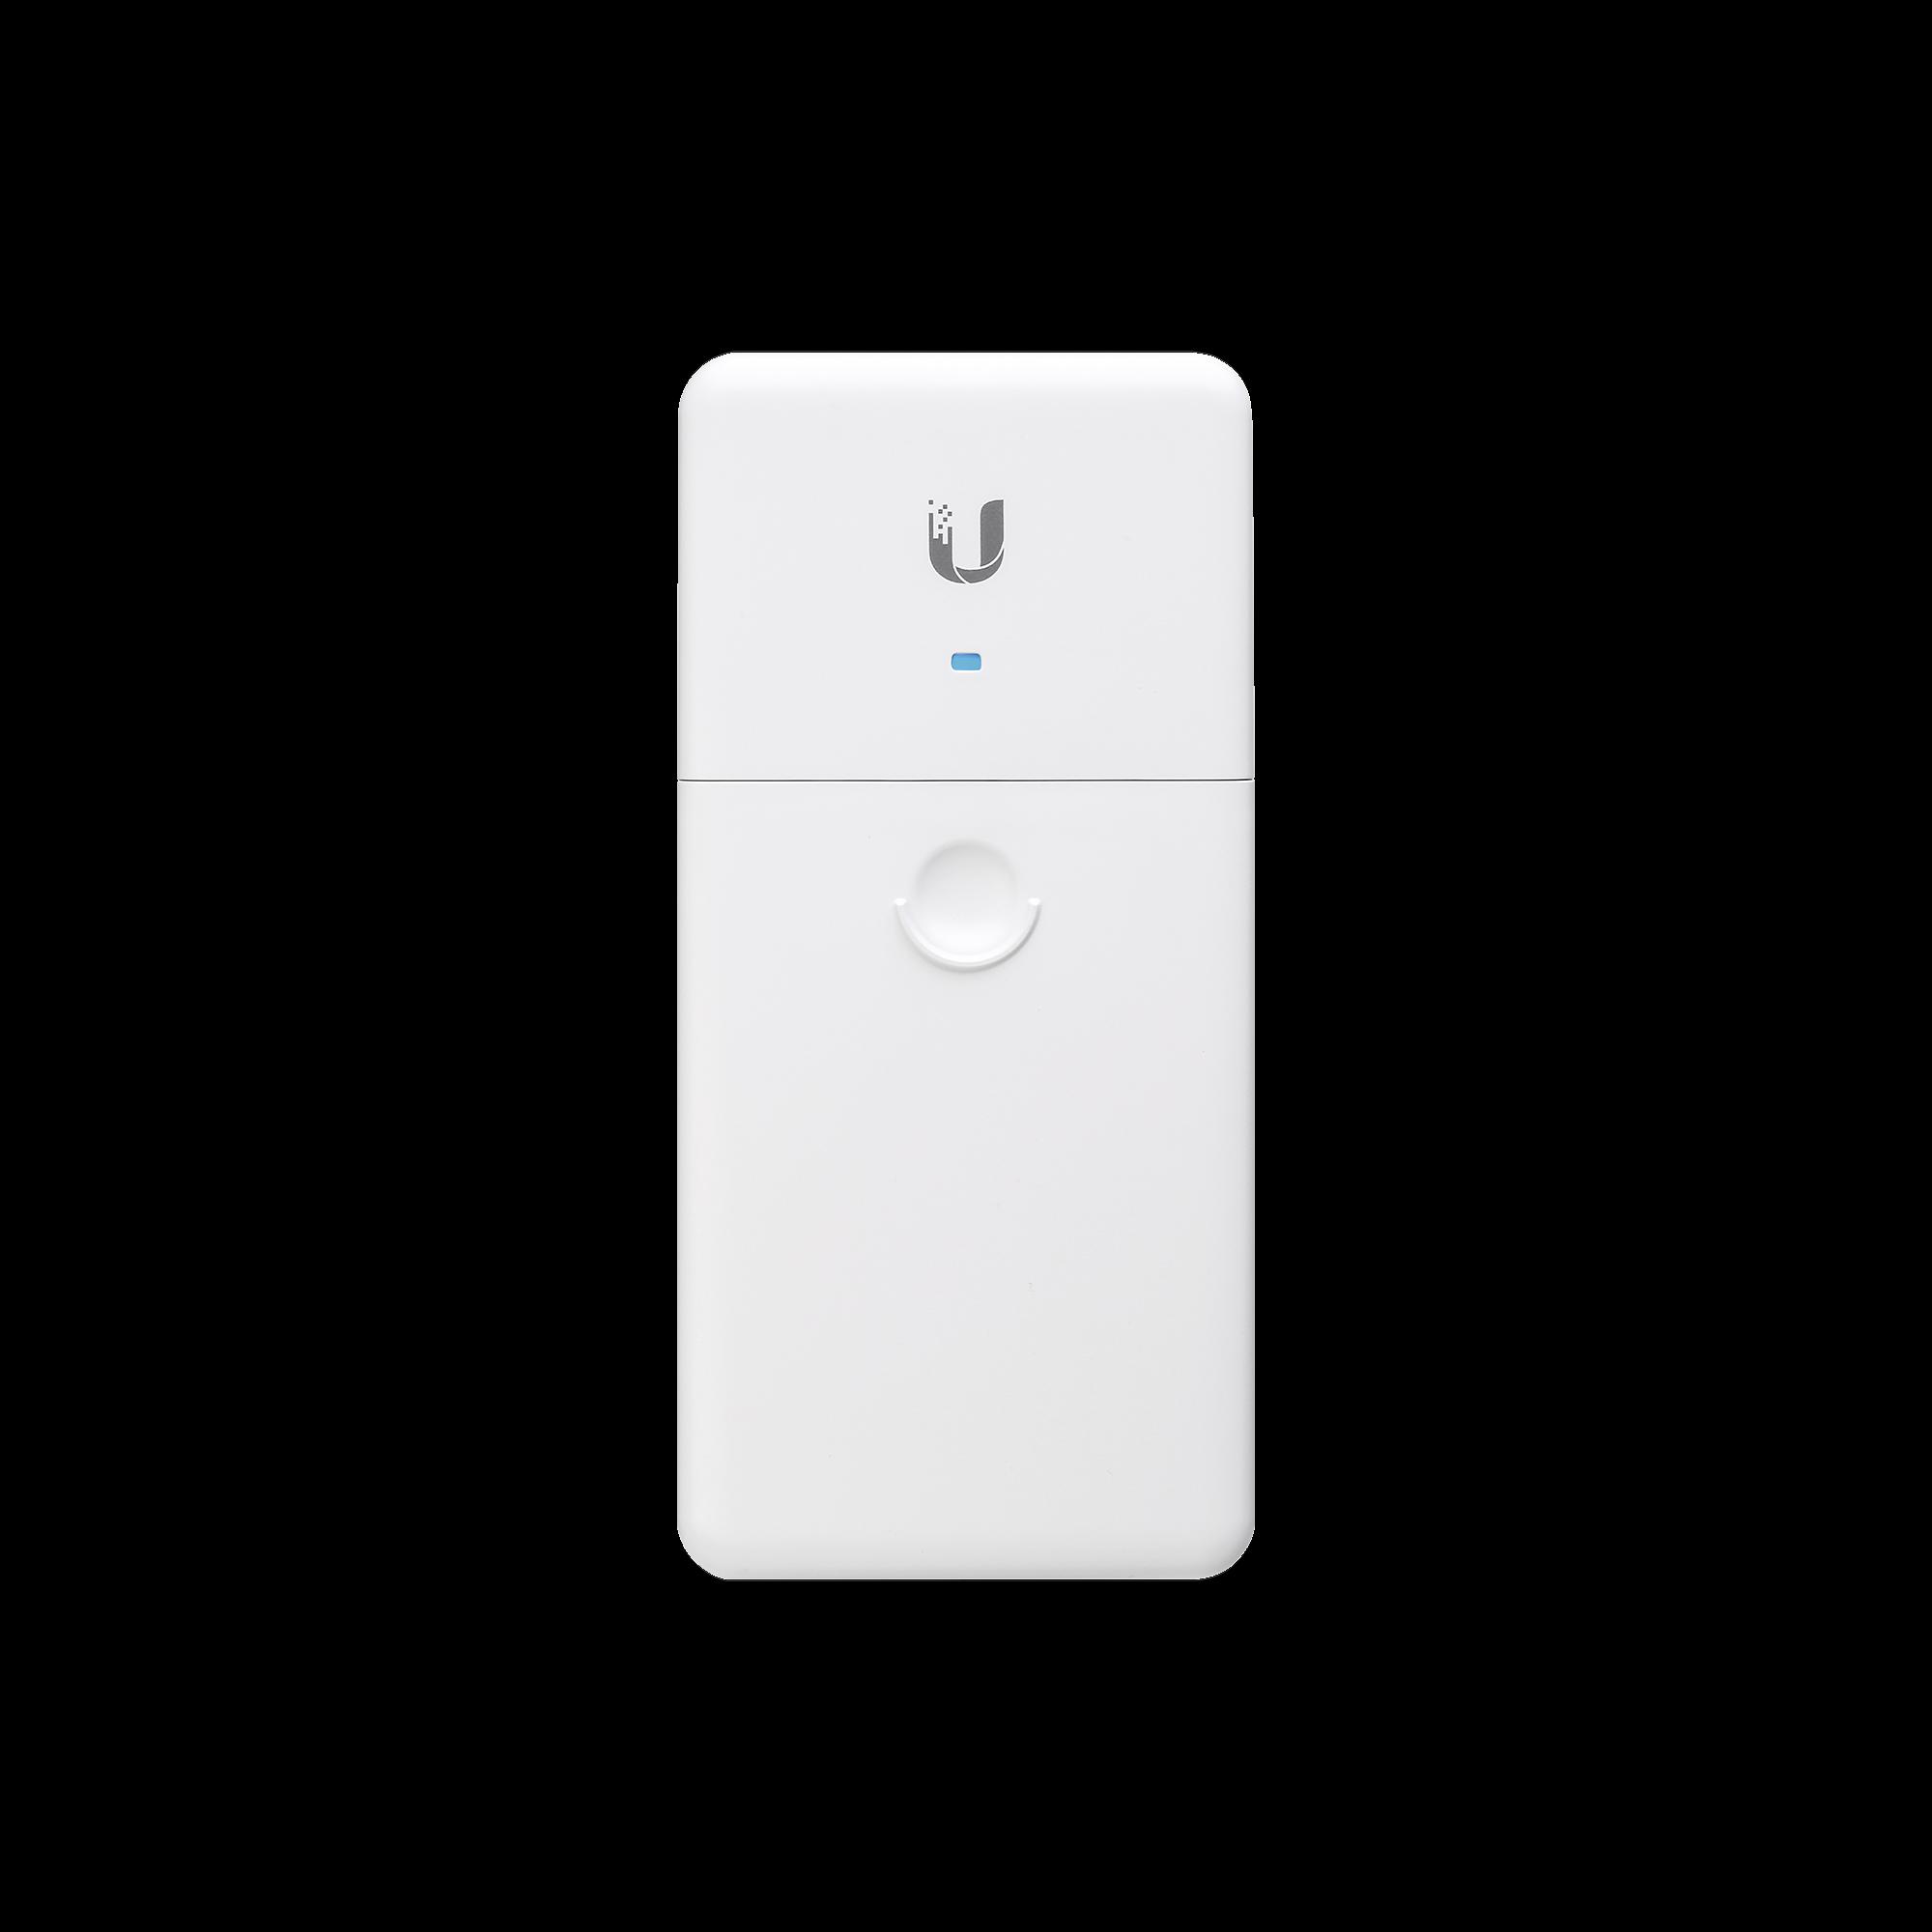 Transporte óptico de datos para dispositivos PoE Ubiquiti Networks de exteriores